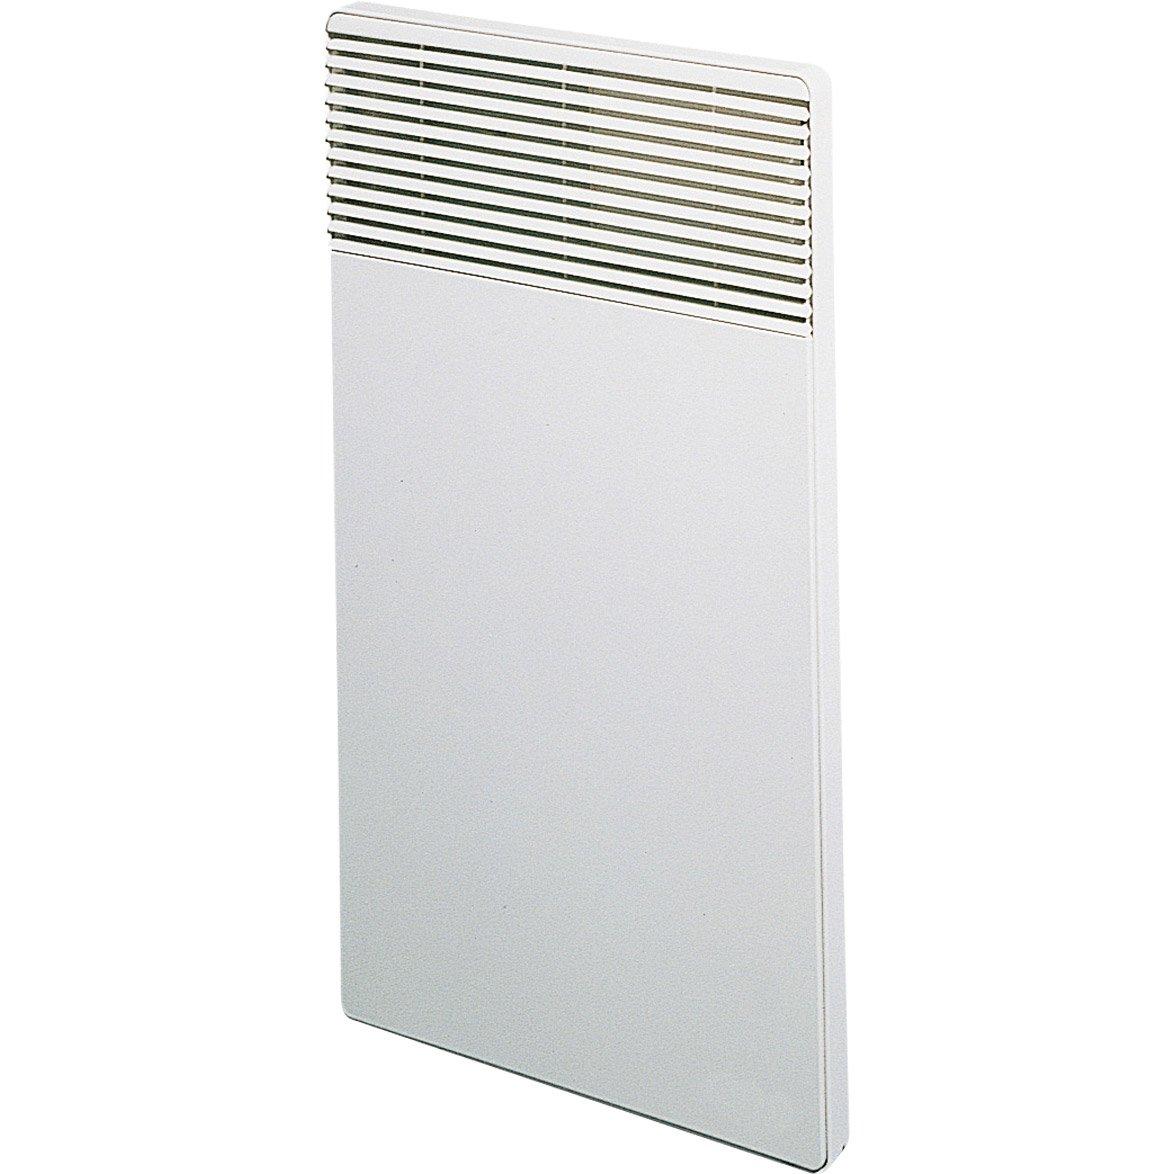 radiateur lectrique convection sauter lucki haut 500 w leroy merlin. Black Bedroom Furniture Sets. Home Design Ideas